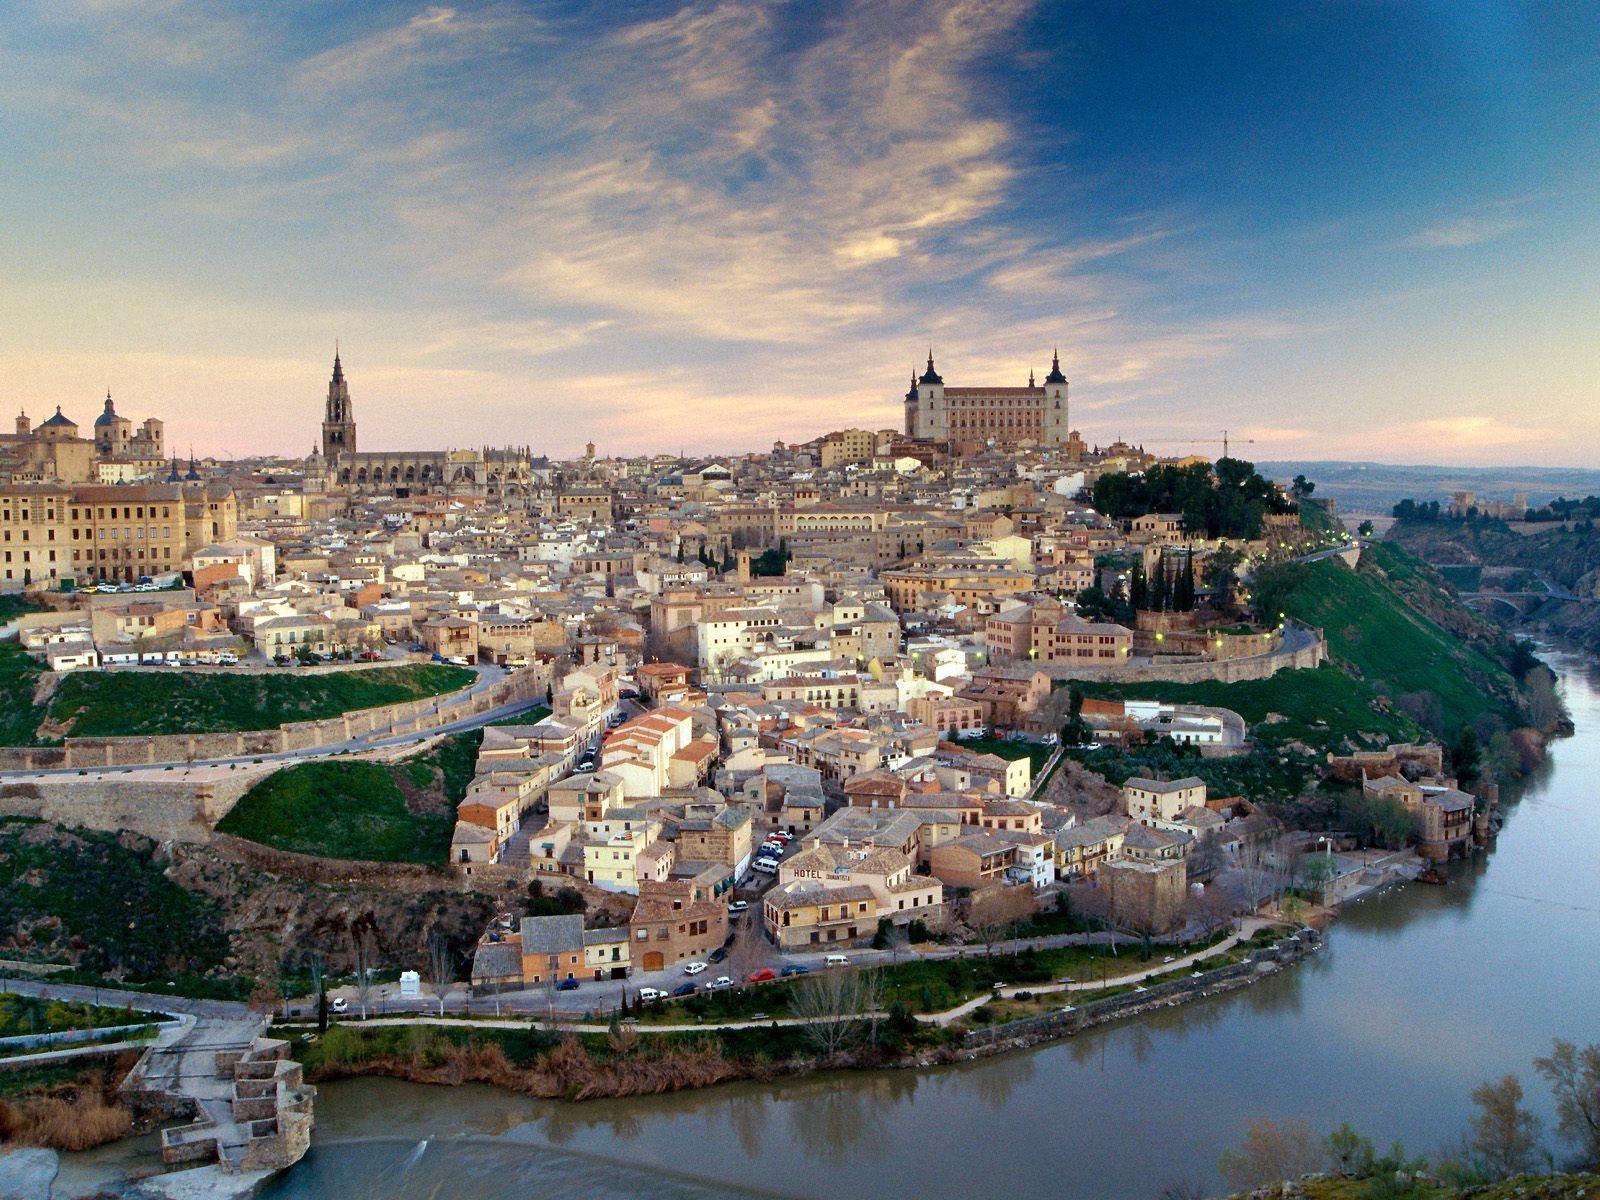 西班牙风光图片,点击下载壁纸